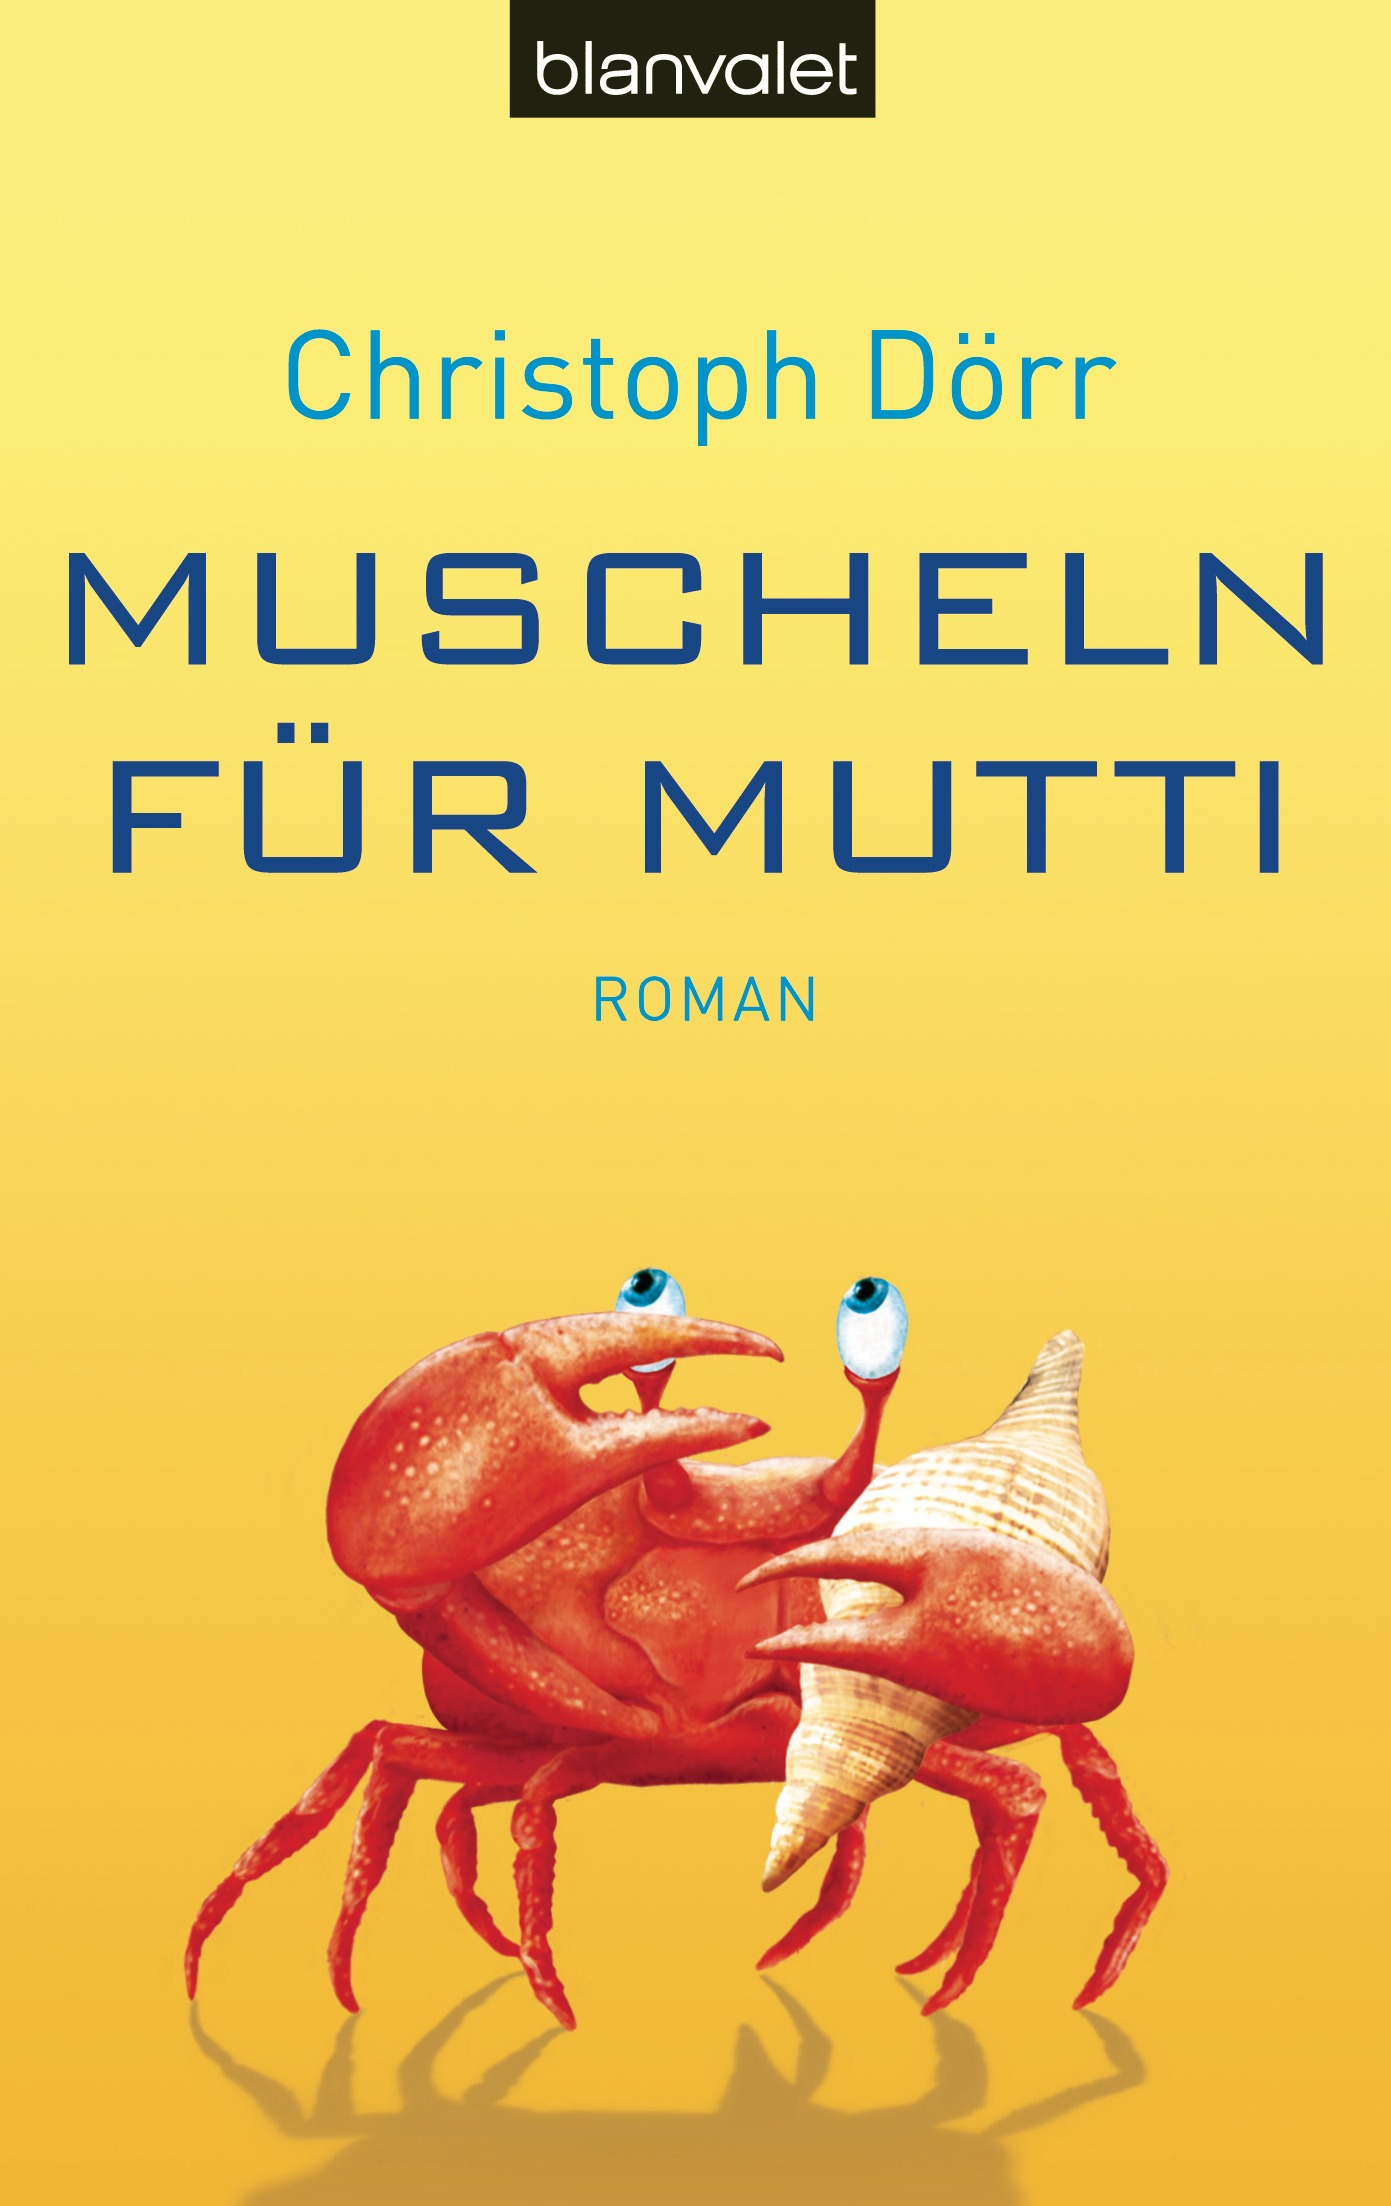 Muscheln für Mutti - Christoph Dörr